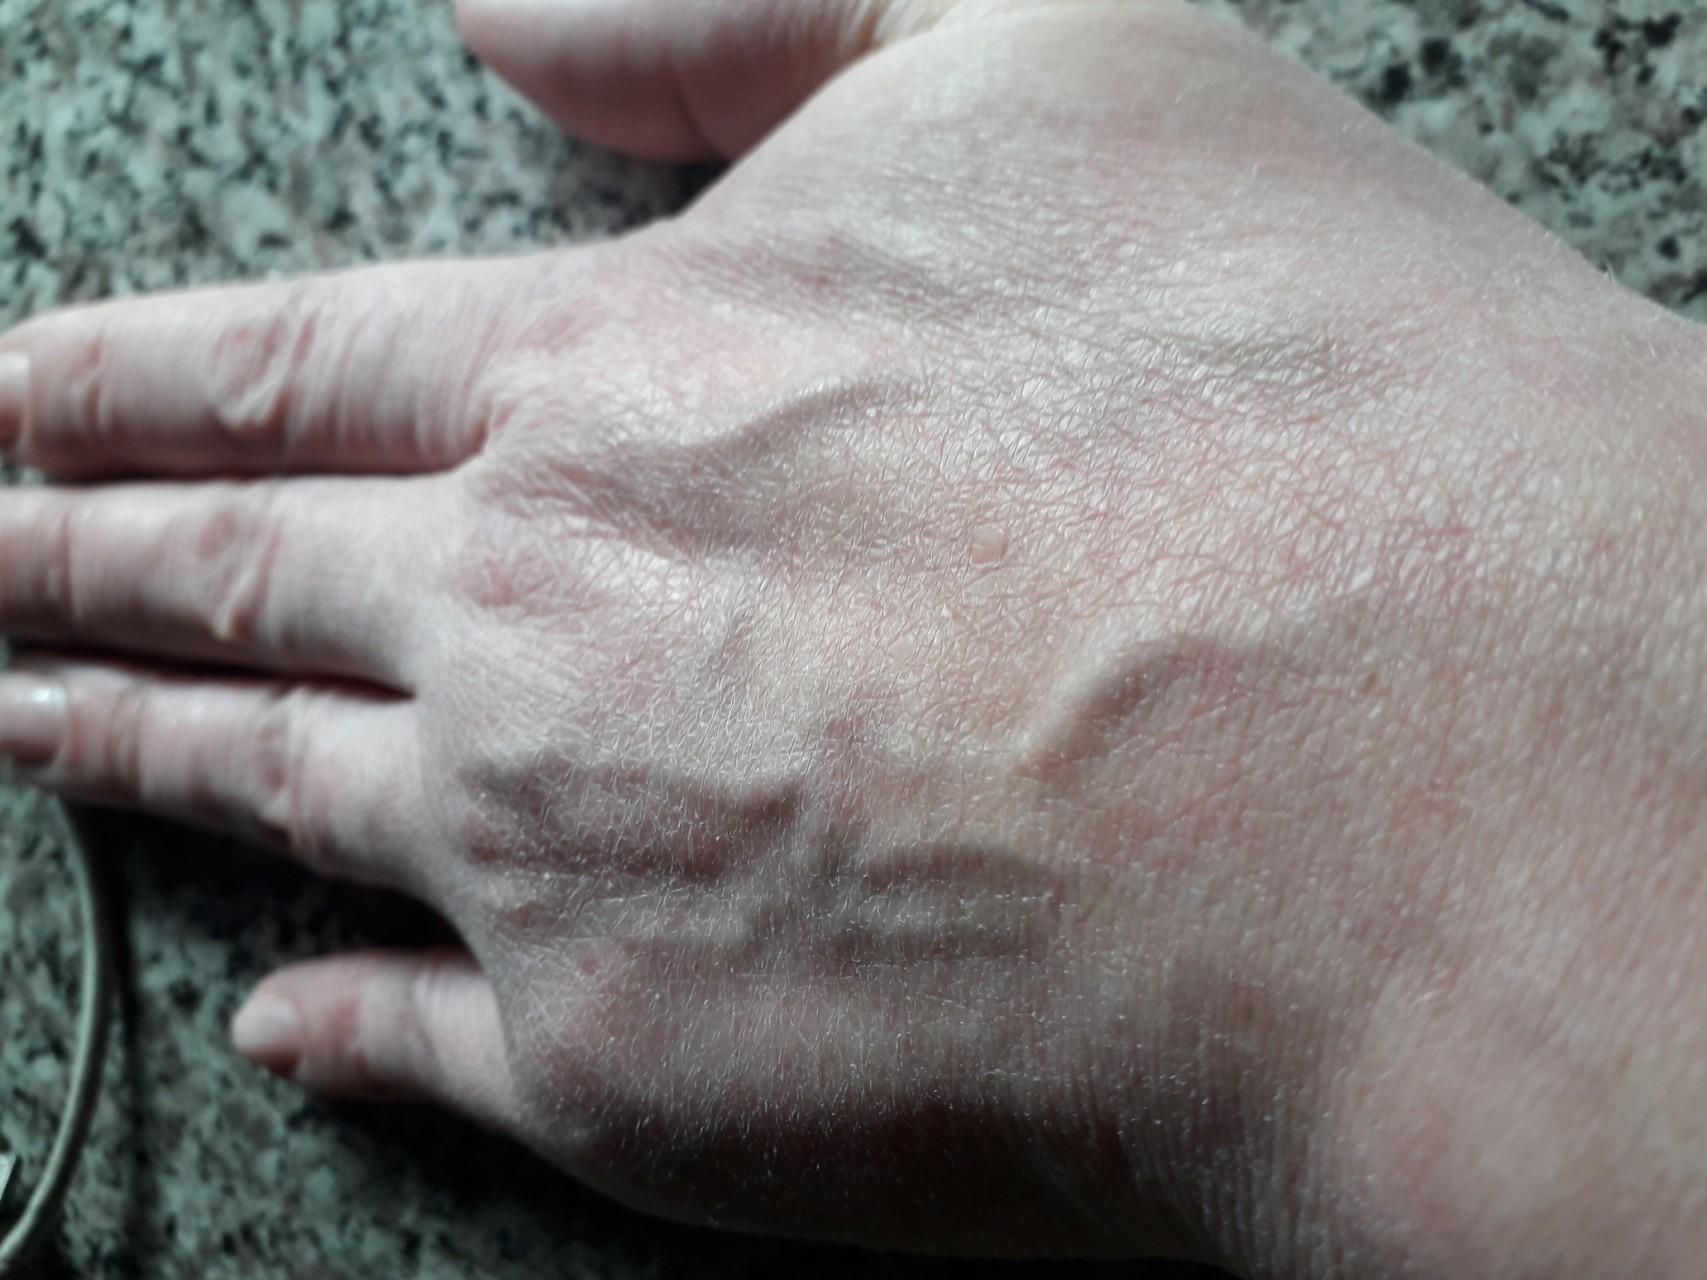 Шелушится кожа на пальцах рук: причины и лечение